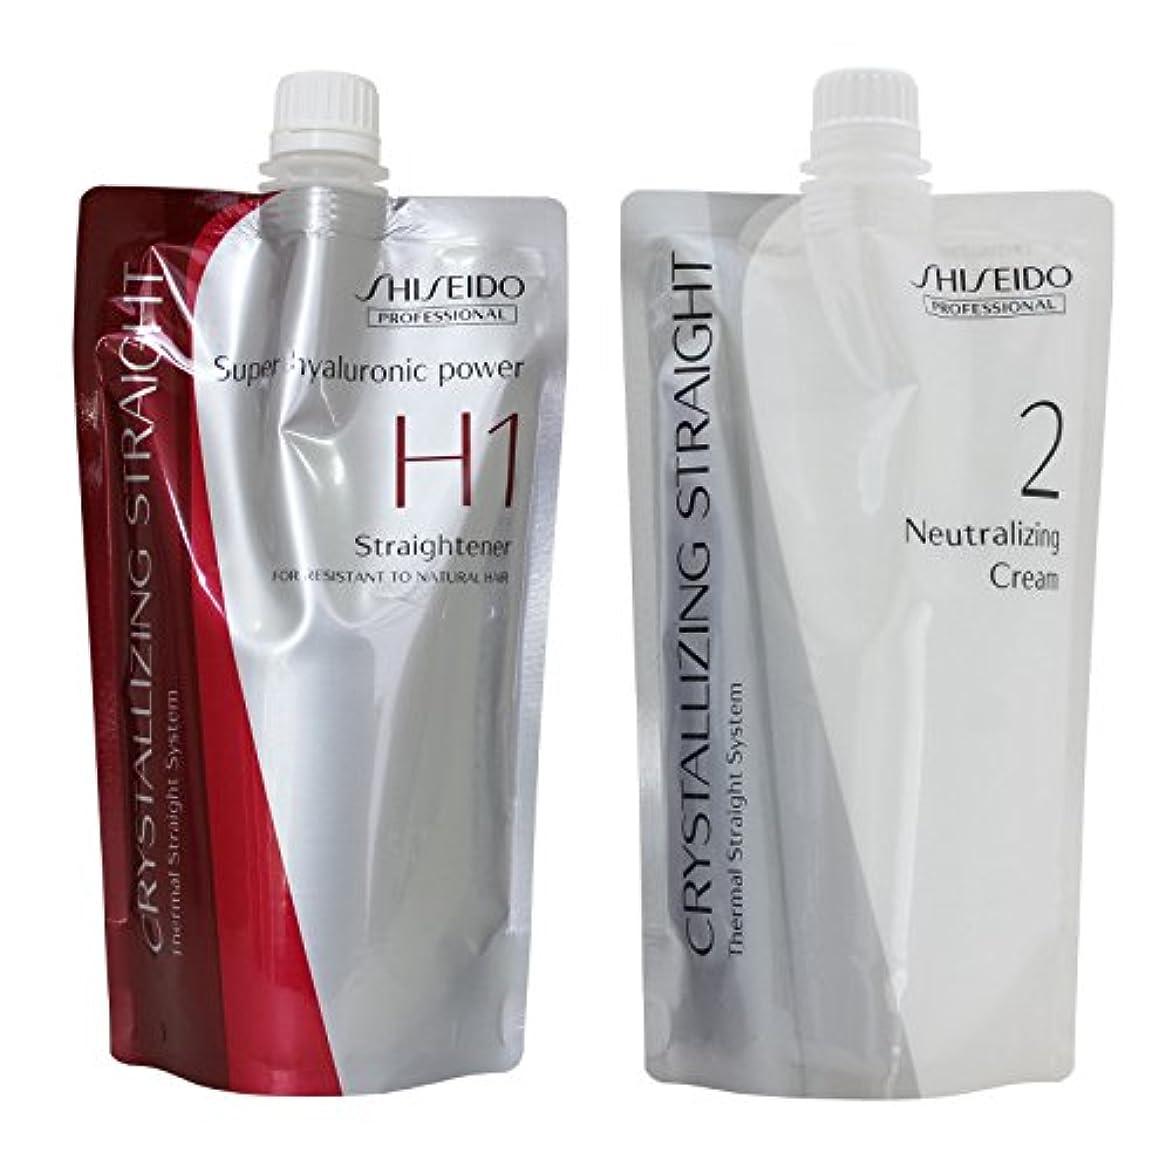 サンプル地上でブラザー資生堂プロフェッショナル 縮毛矯正剤 クリスタラジングストレート α H ハードタイプ